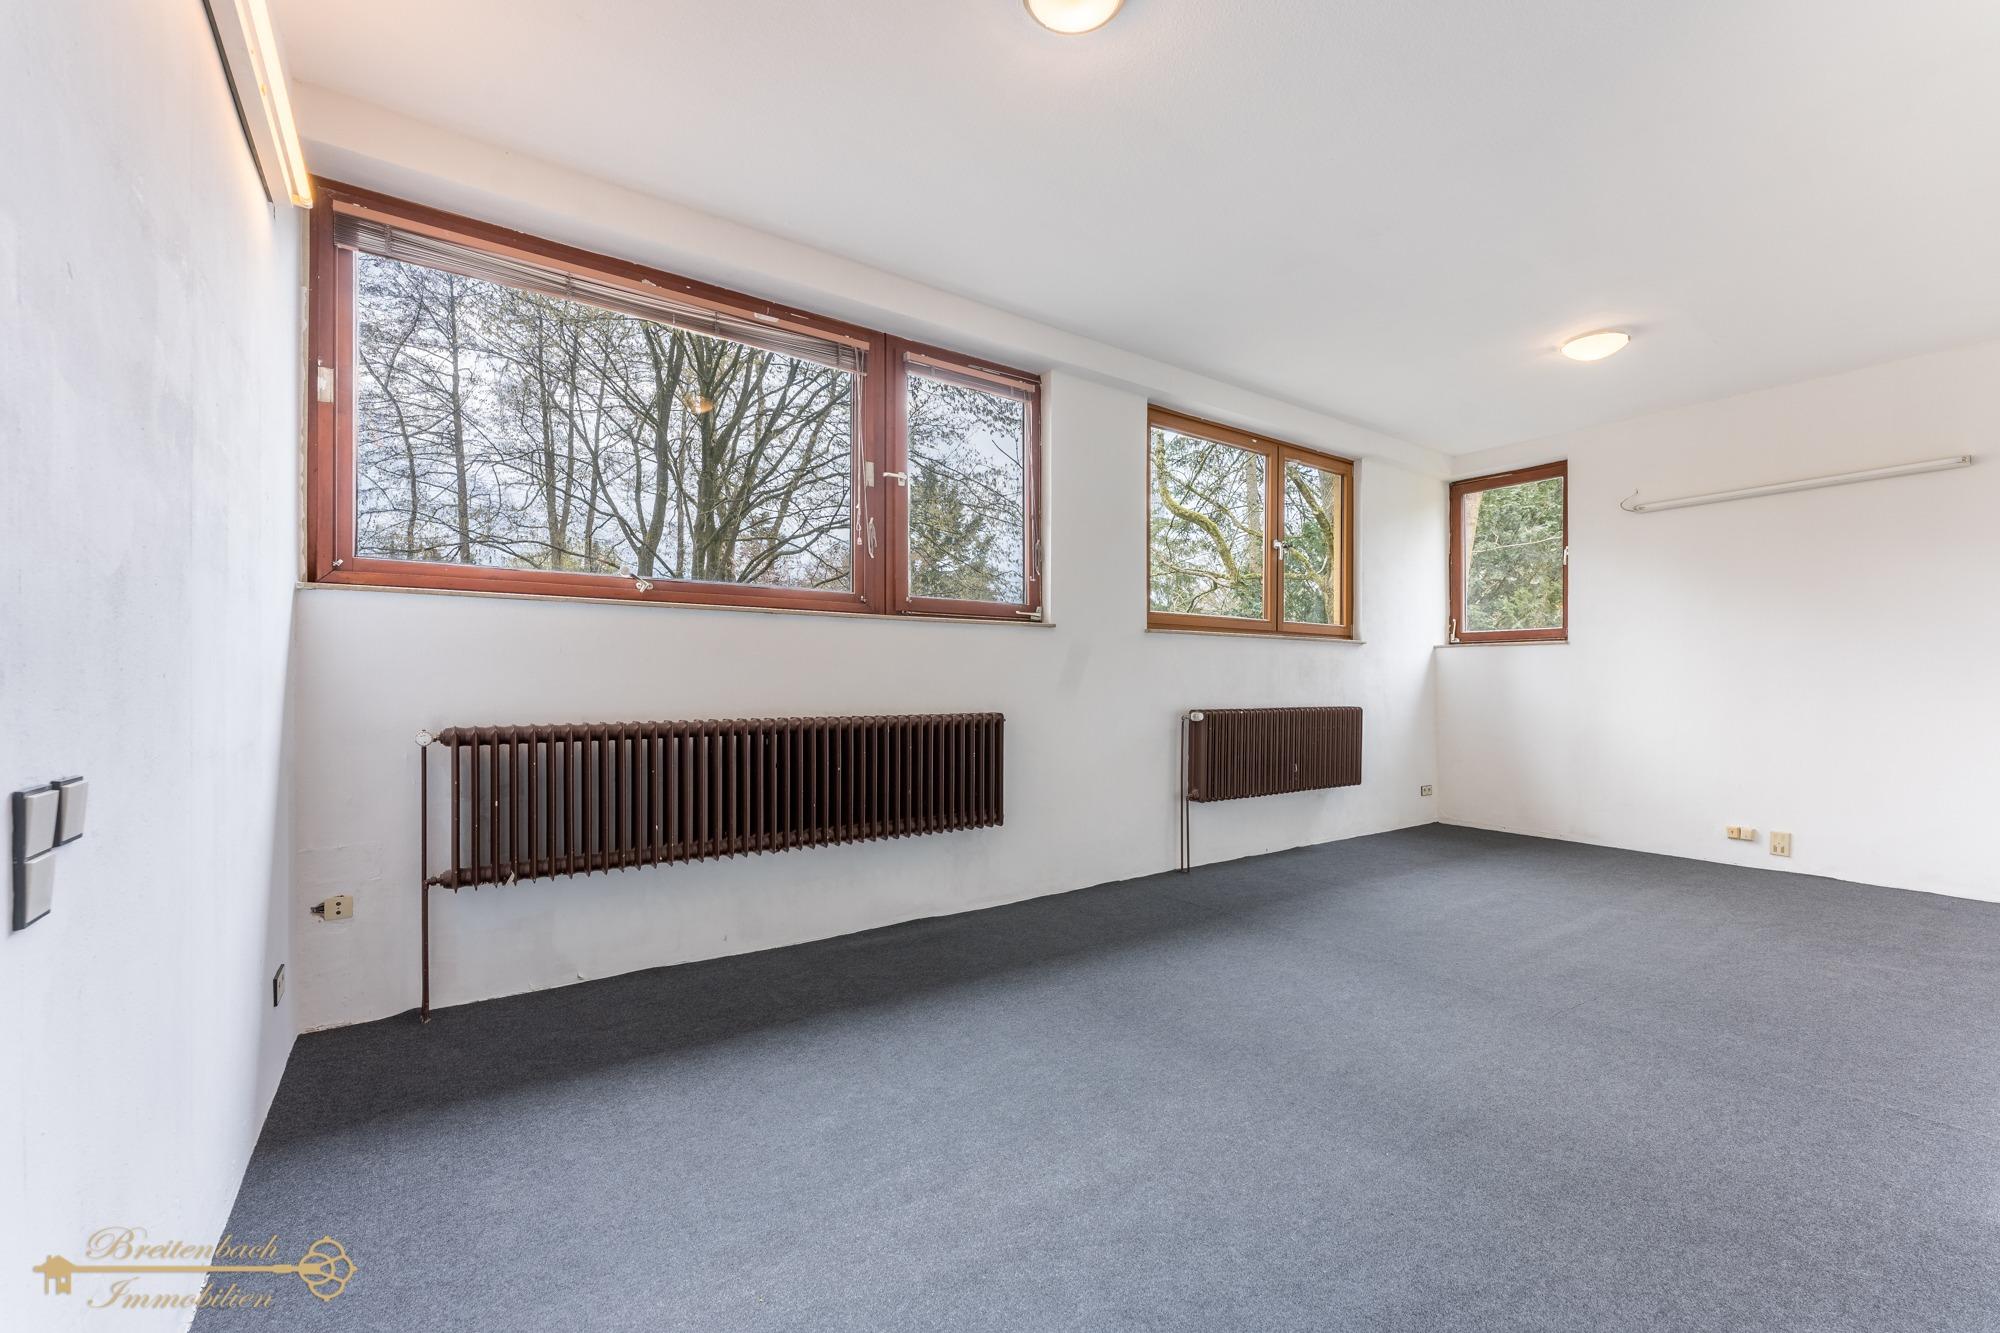 2021-04-08-Breitenbach-Immobilien-Makler-Bremen-16